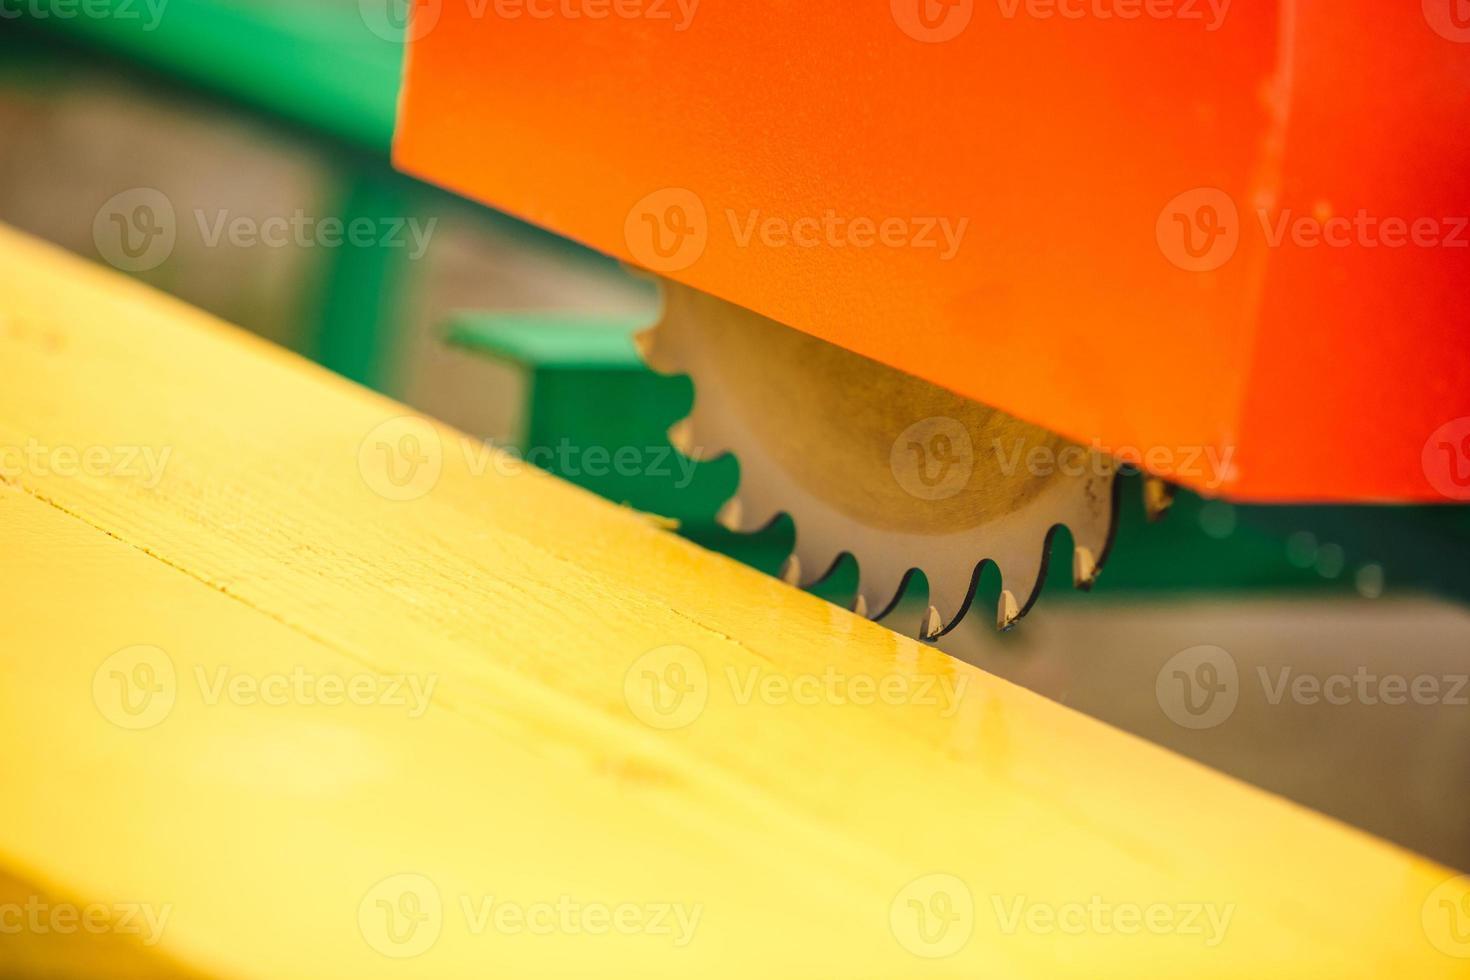 machine à couper le bois. gros plan scie circulaire électrique coupant du bois et une règle de fer. photo